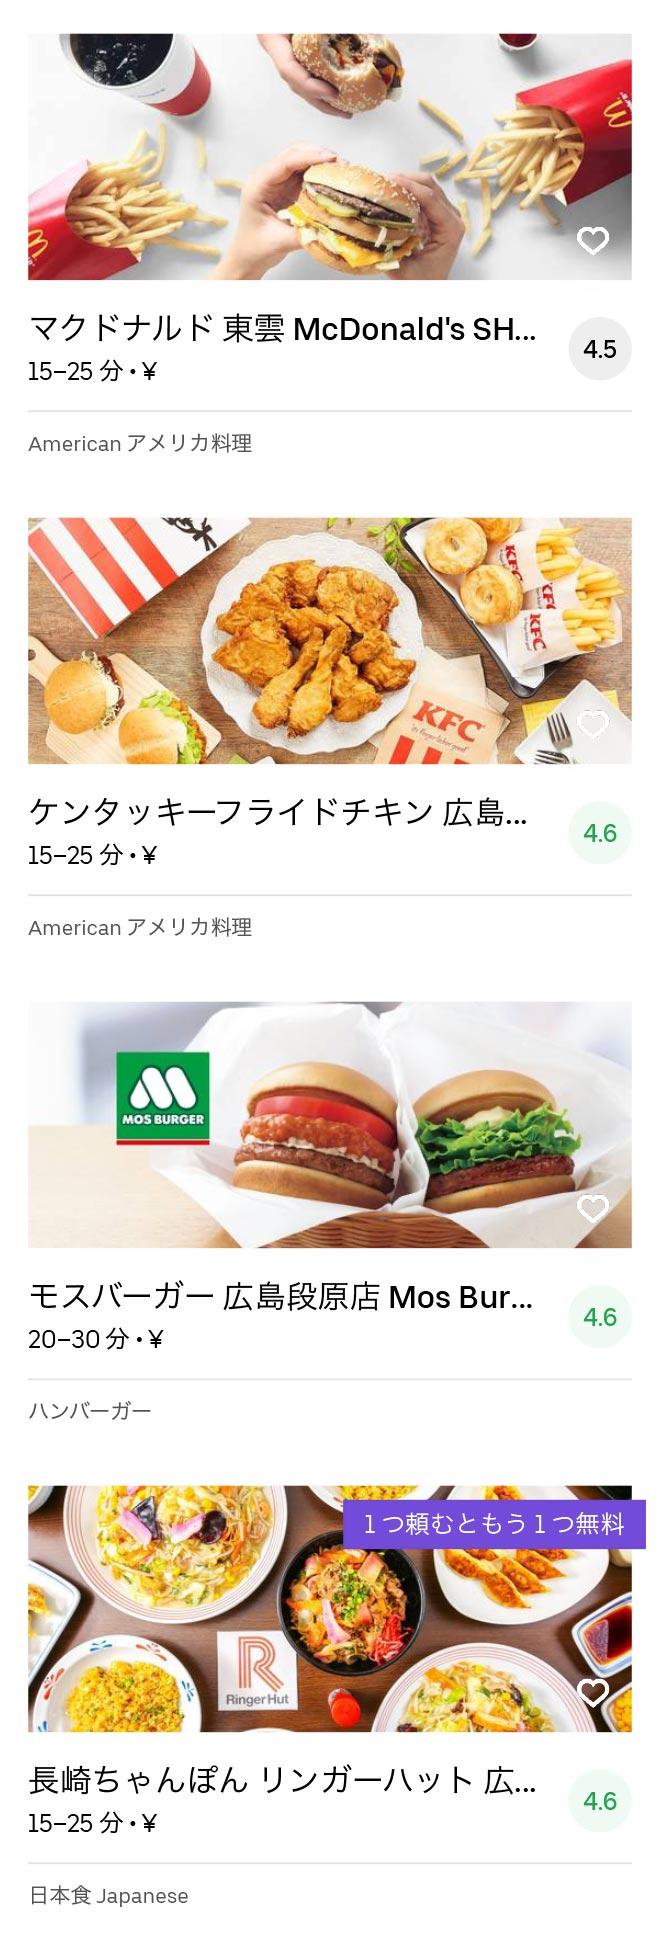 Hiroshima mukainada menu 2005 08